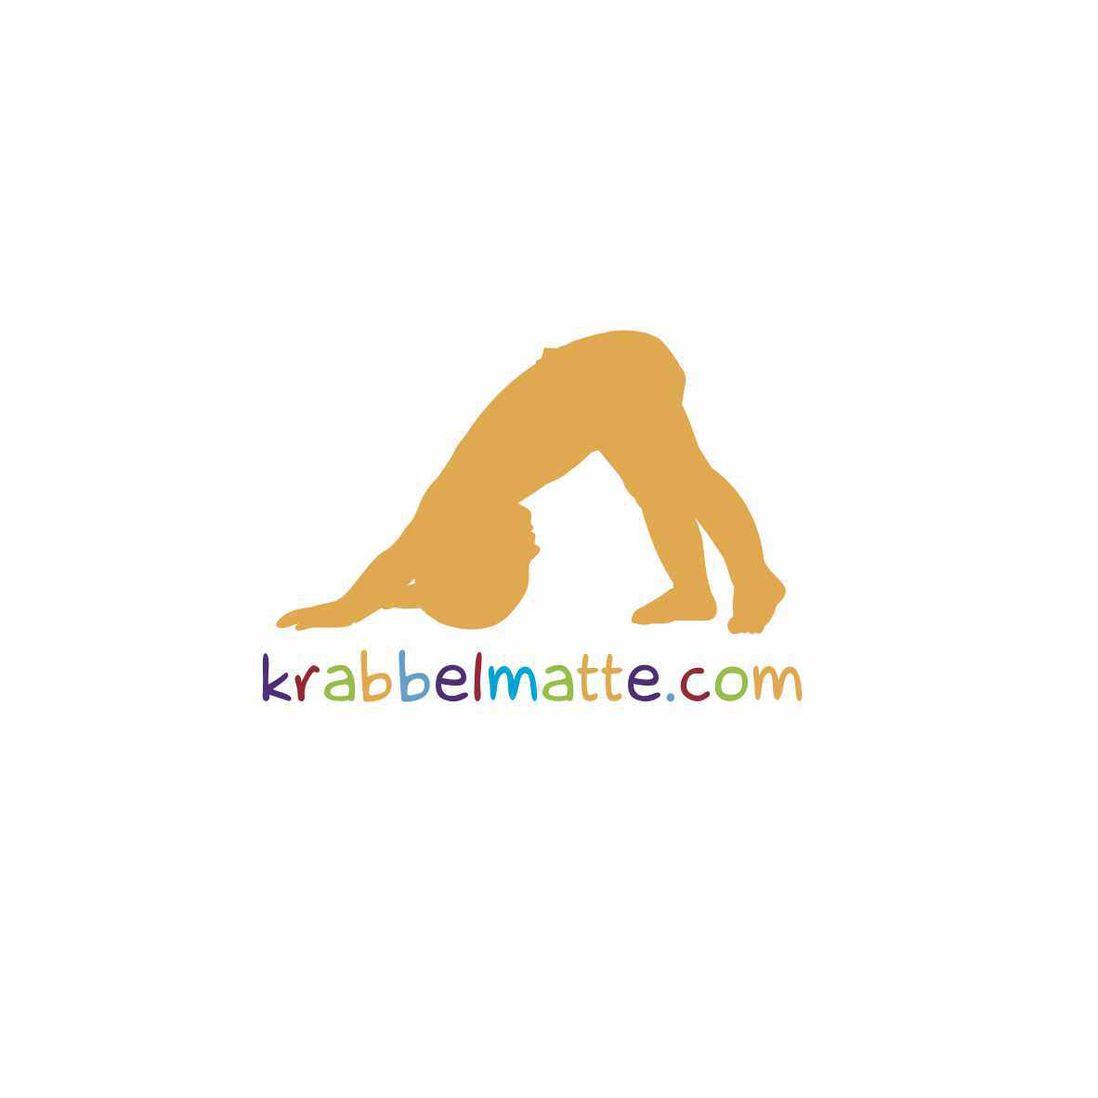 Krabbematte